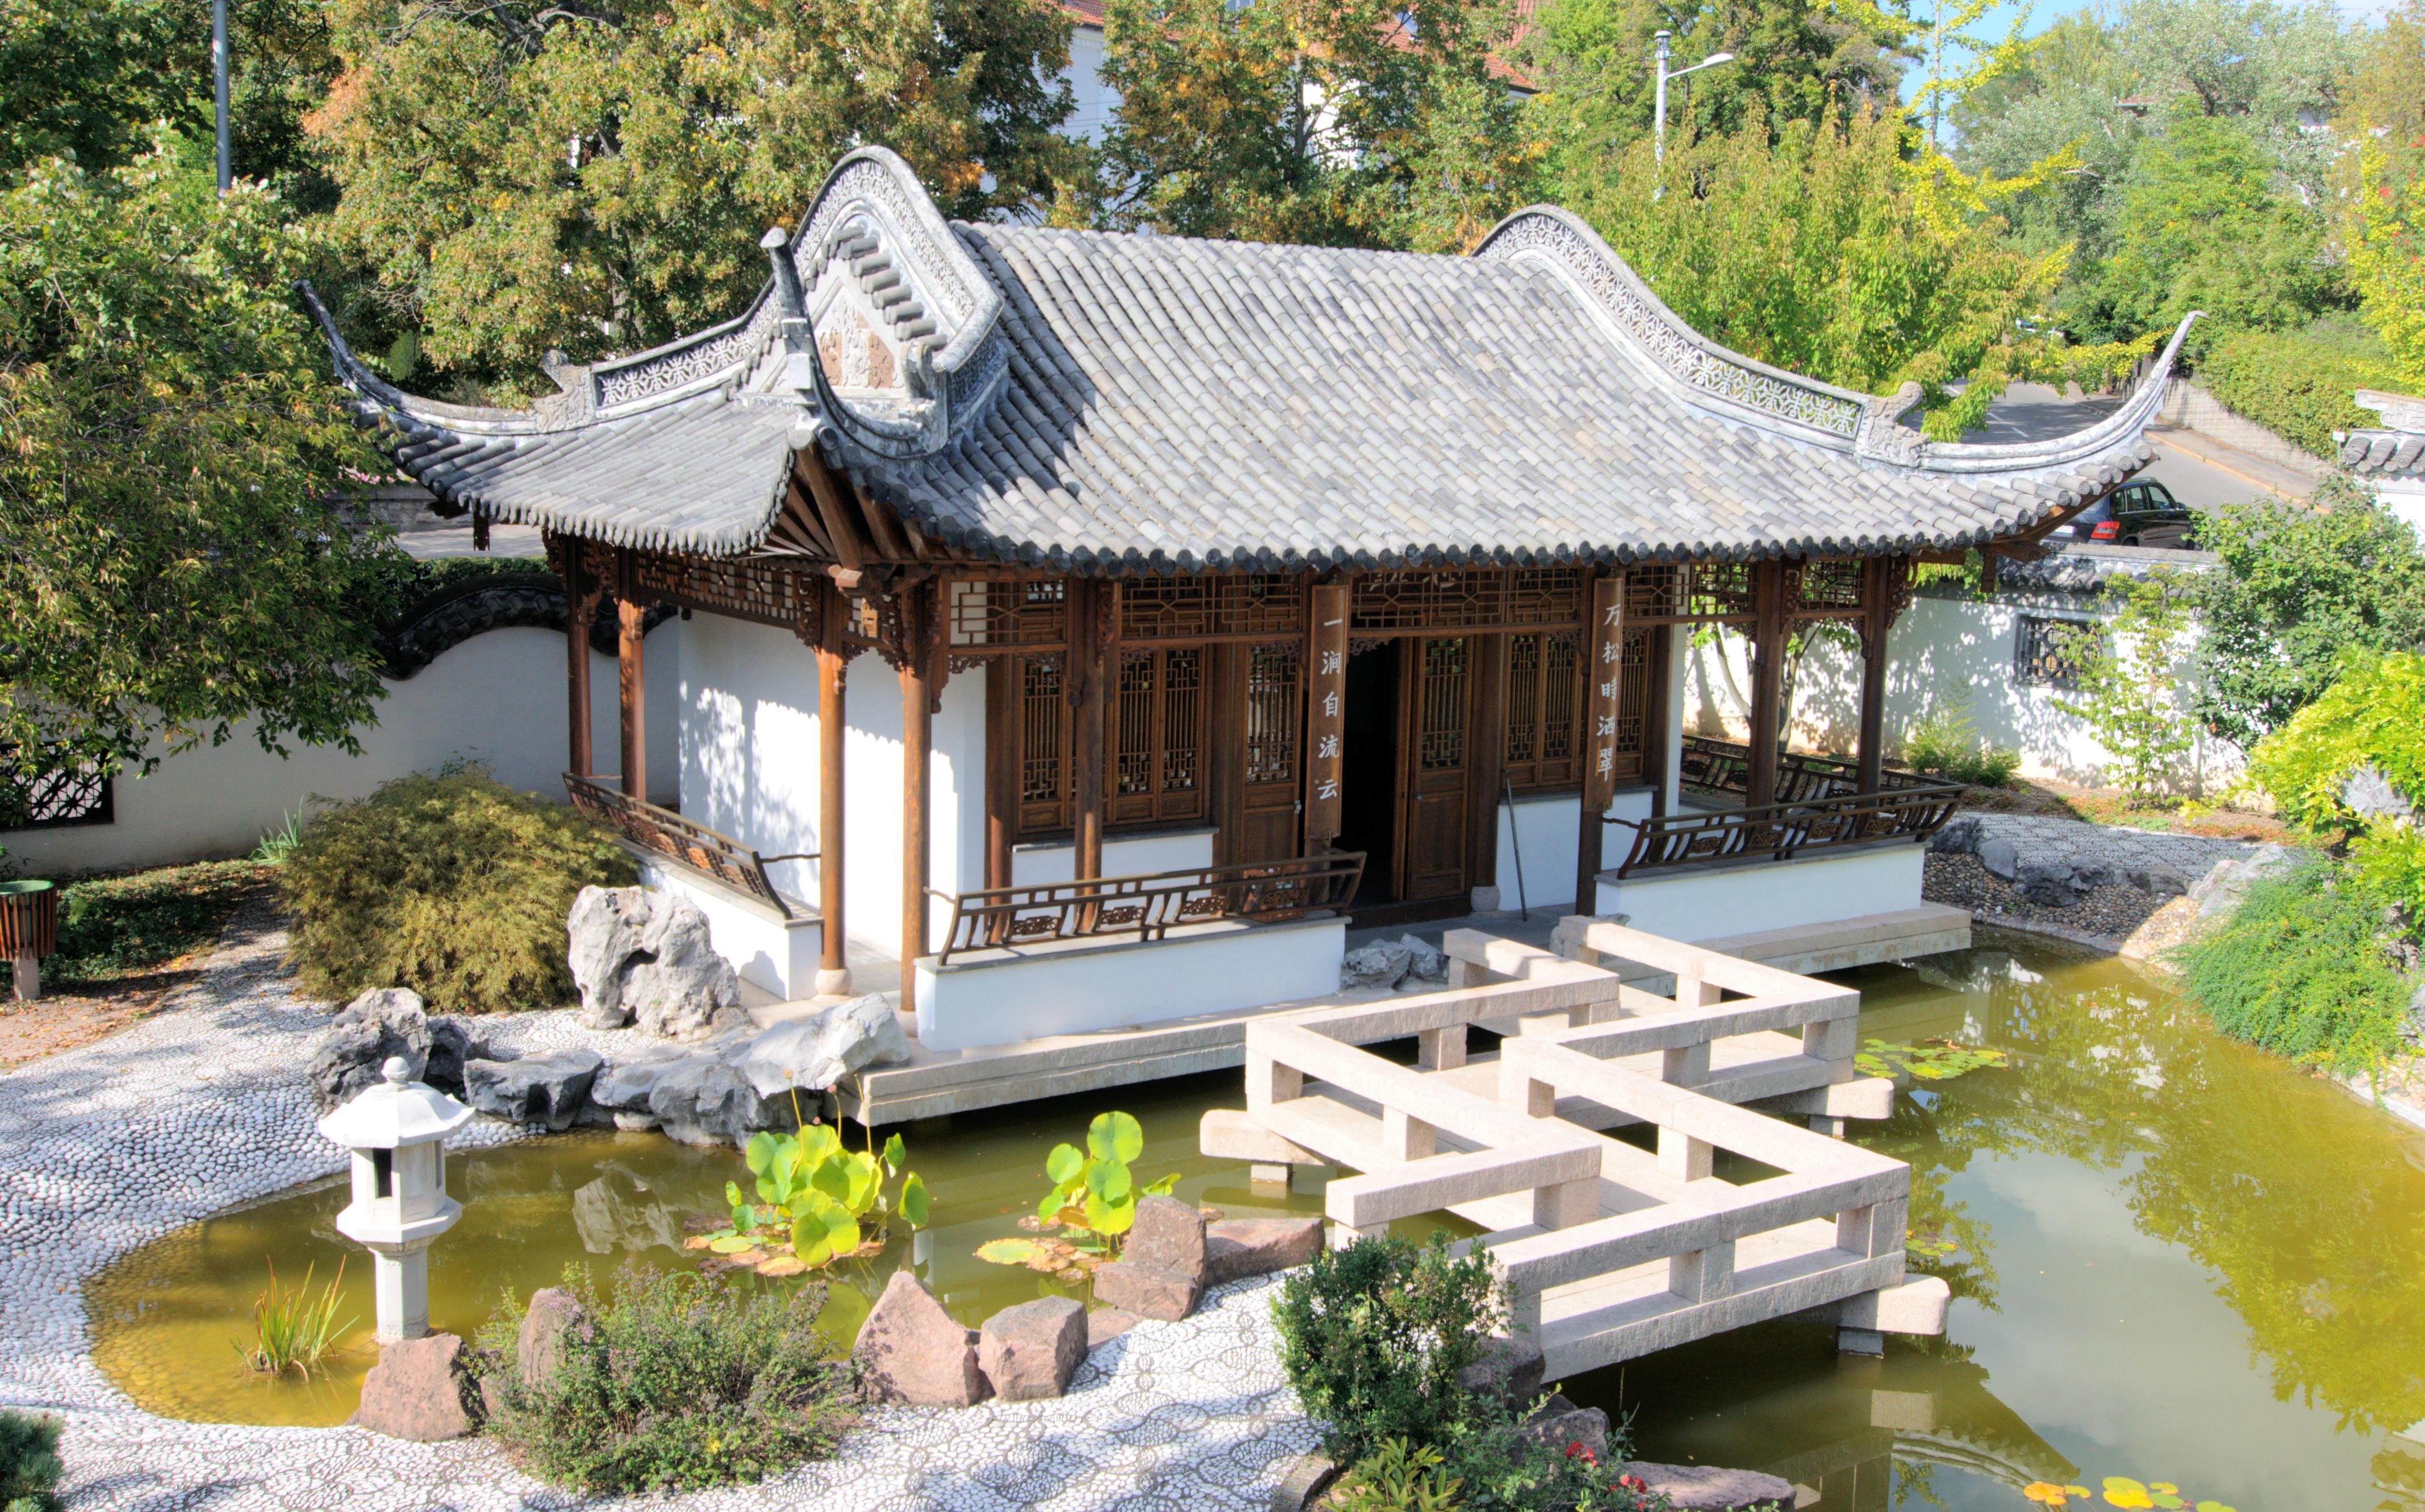 Qingyin Garten Wikipedia